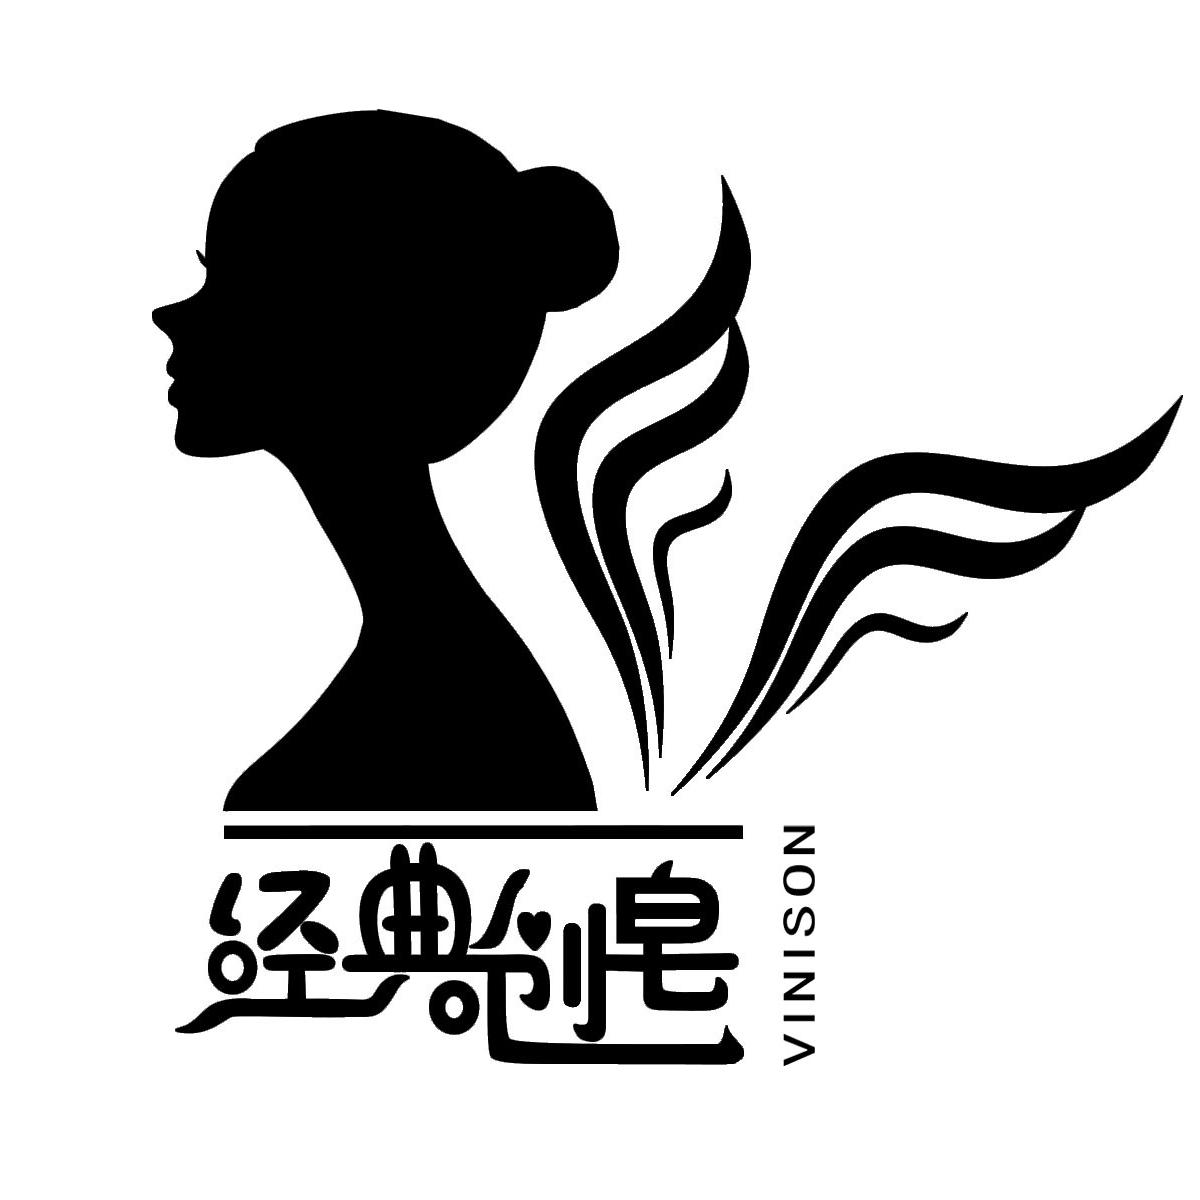 金典摄影logo设计